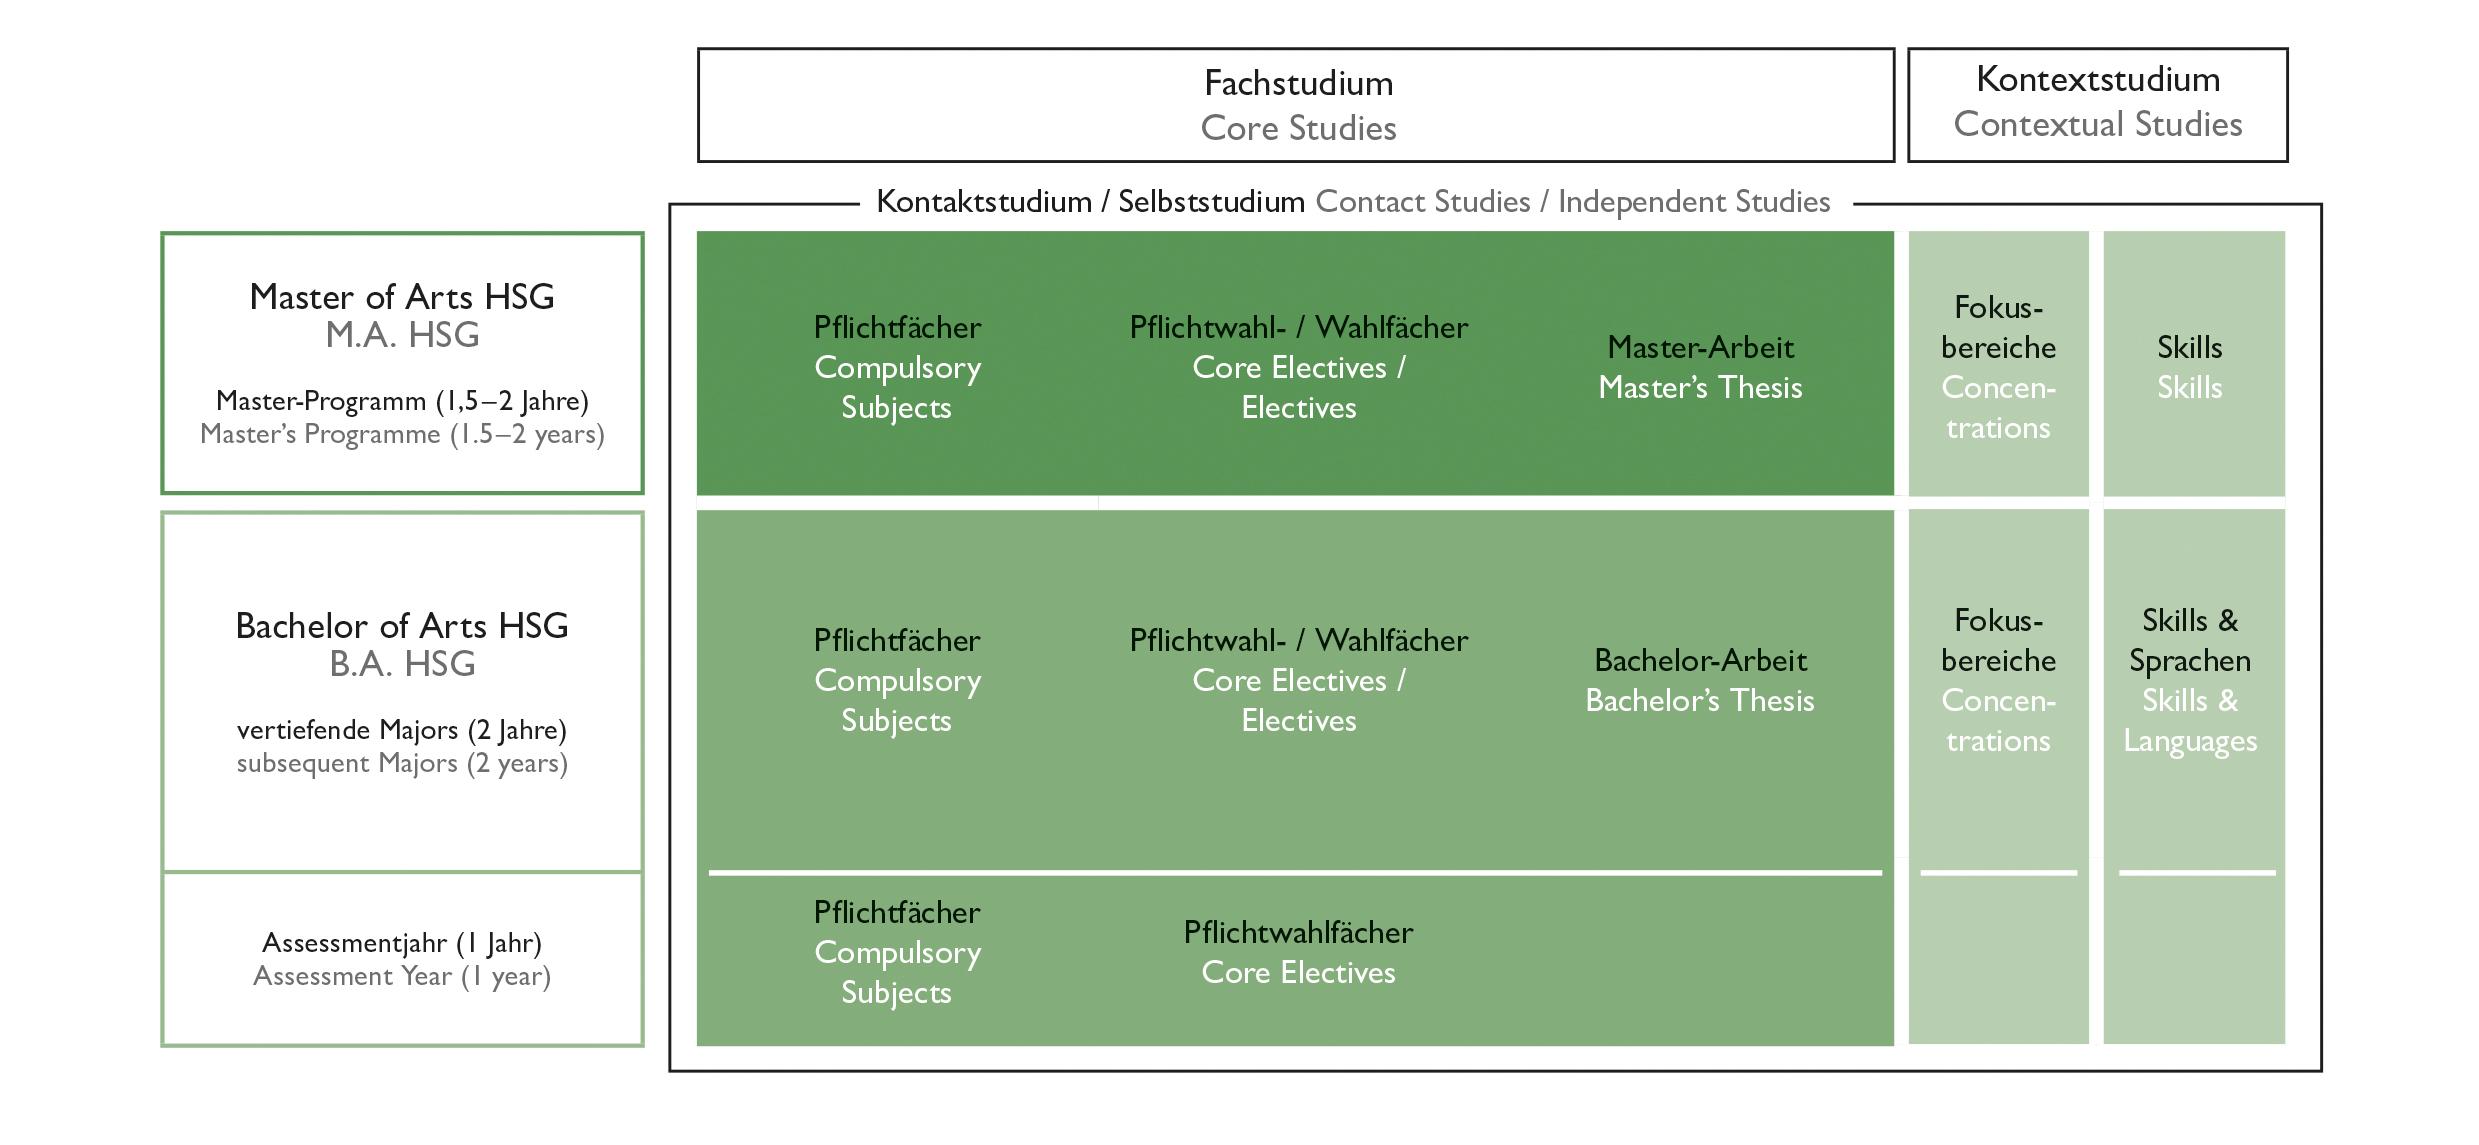 Course architecture